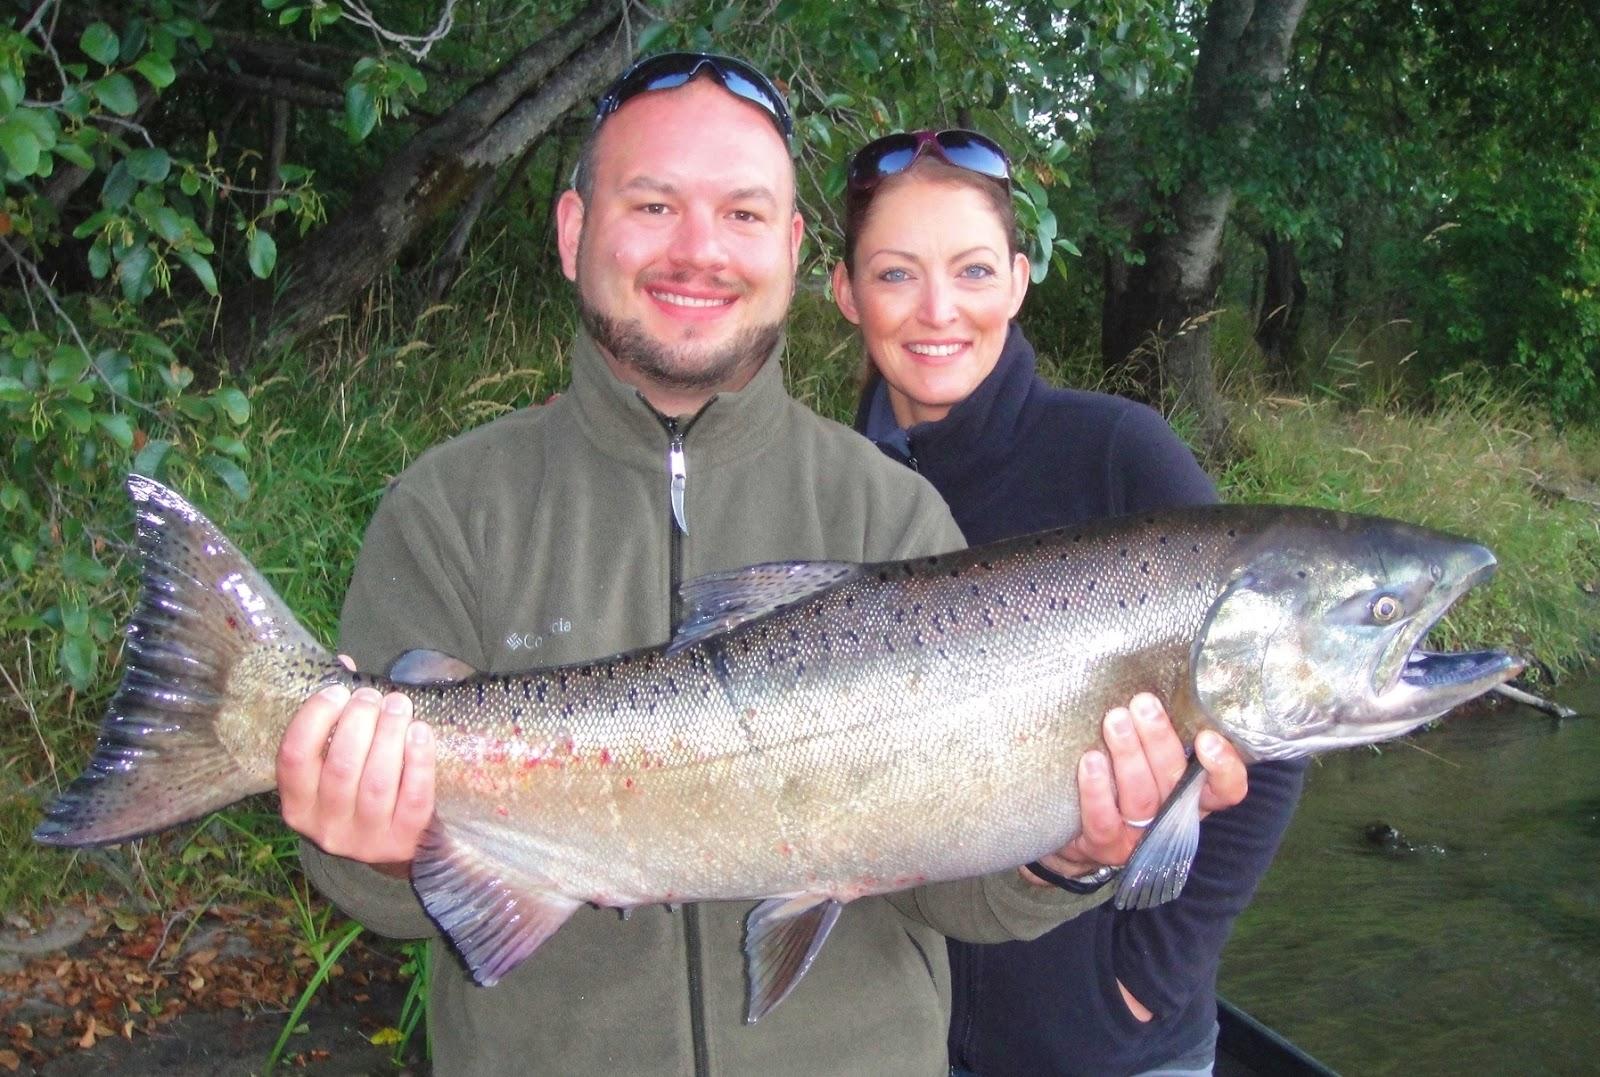 Your rogue river fishing guide 39 s fishing trip report for Rogue river fishing guides